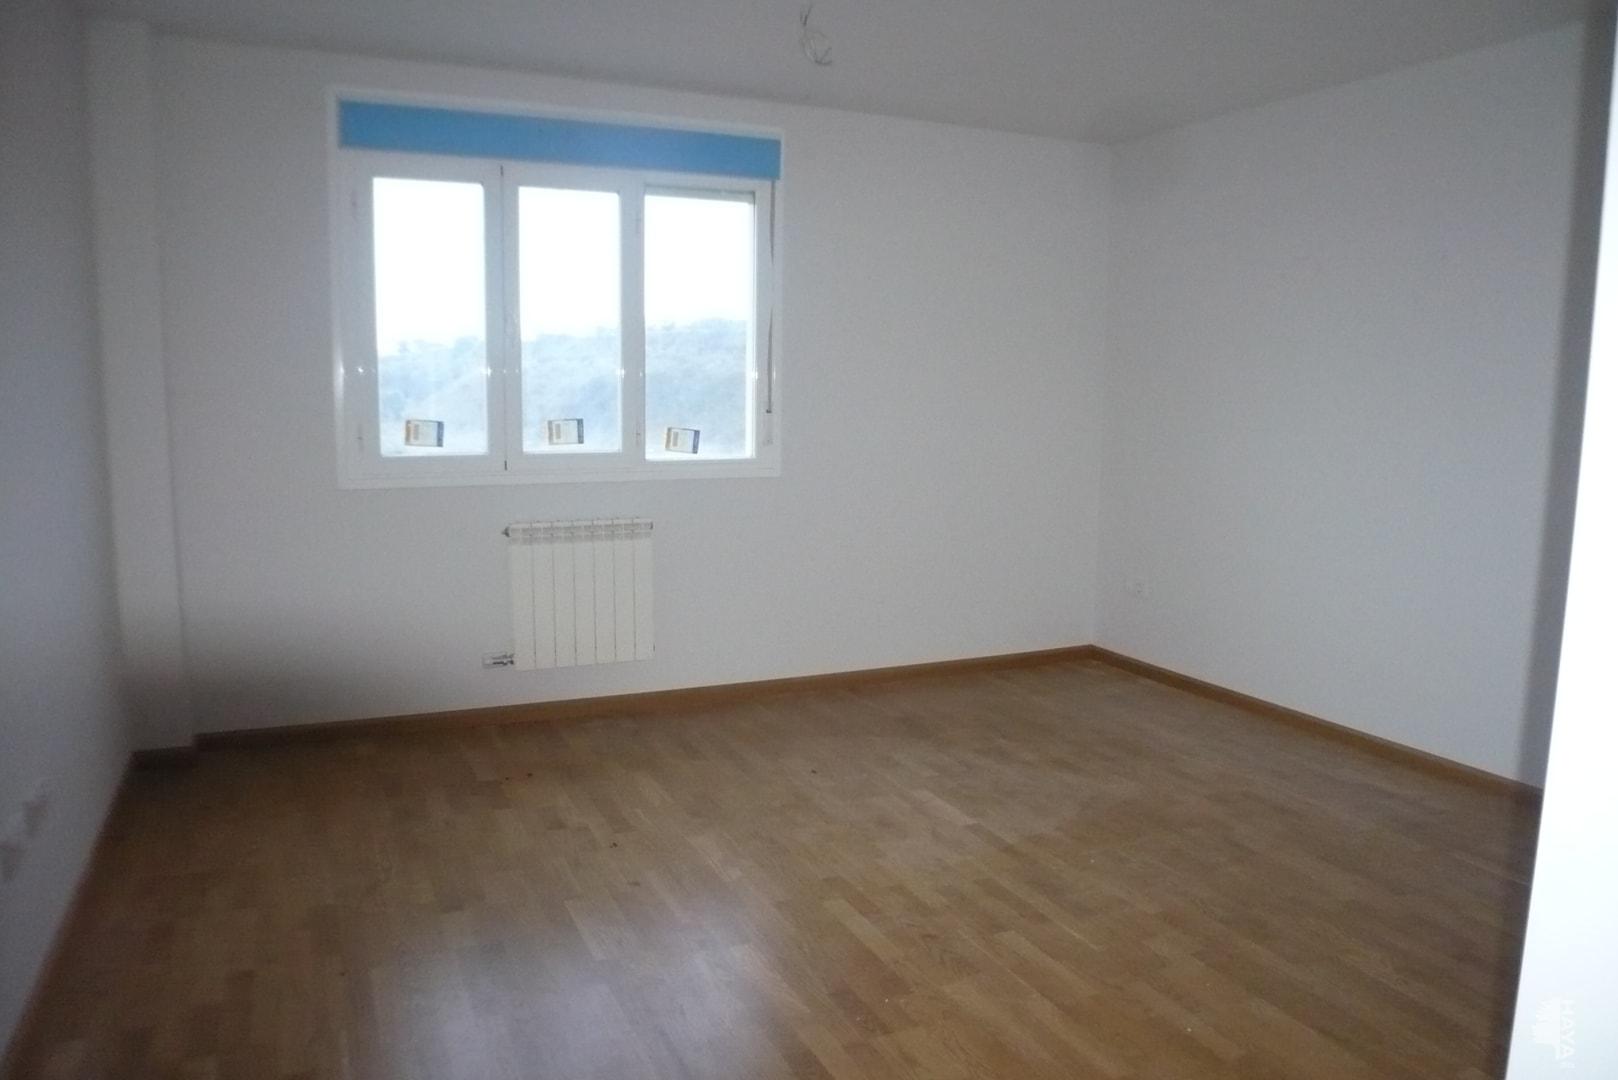 Piso en venta en Piso en Agoncillo, La Rioja, 51.000 €, 2 habitaciones, 1 baño, 62 m2